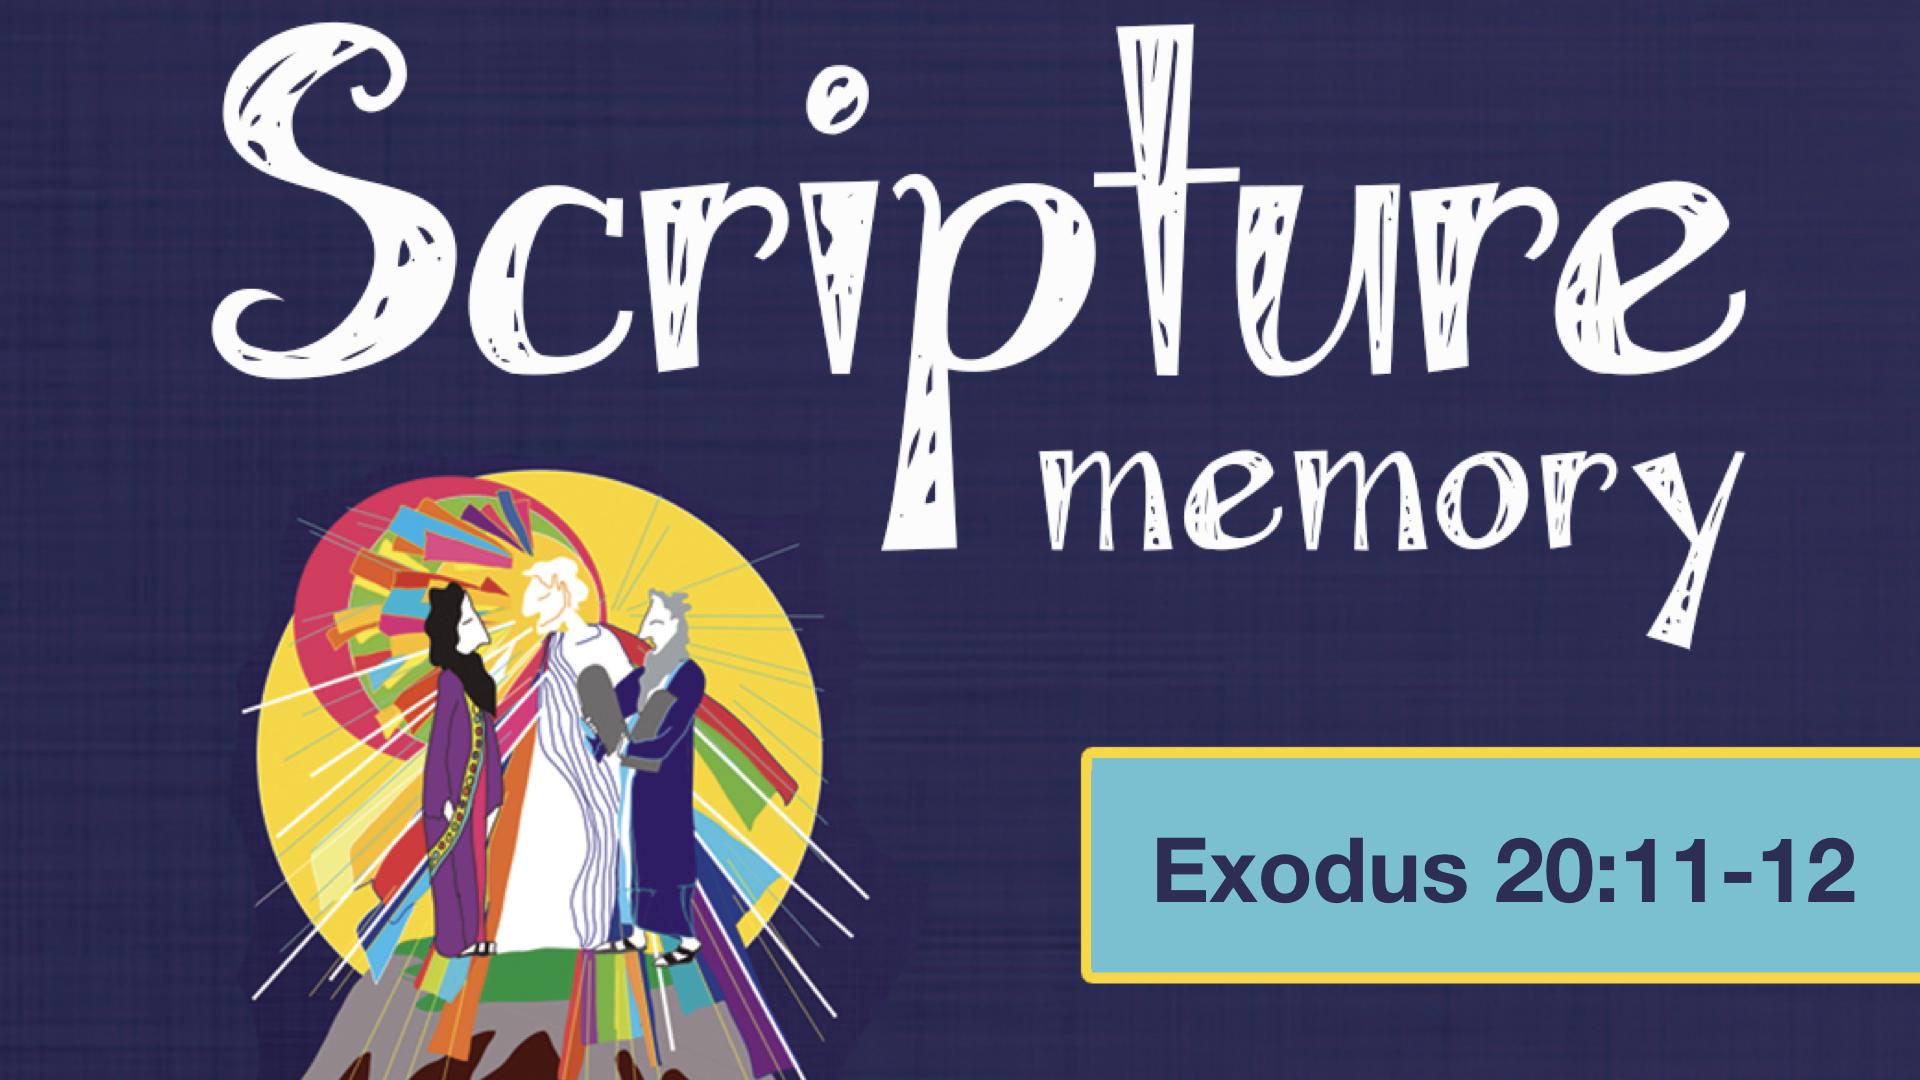 Scripture memory ad_Feb.001.jpeg